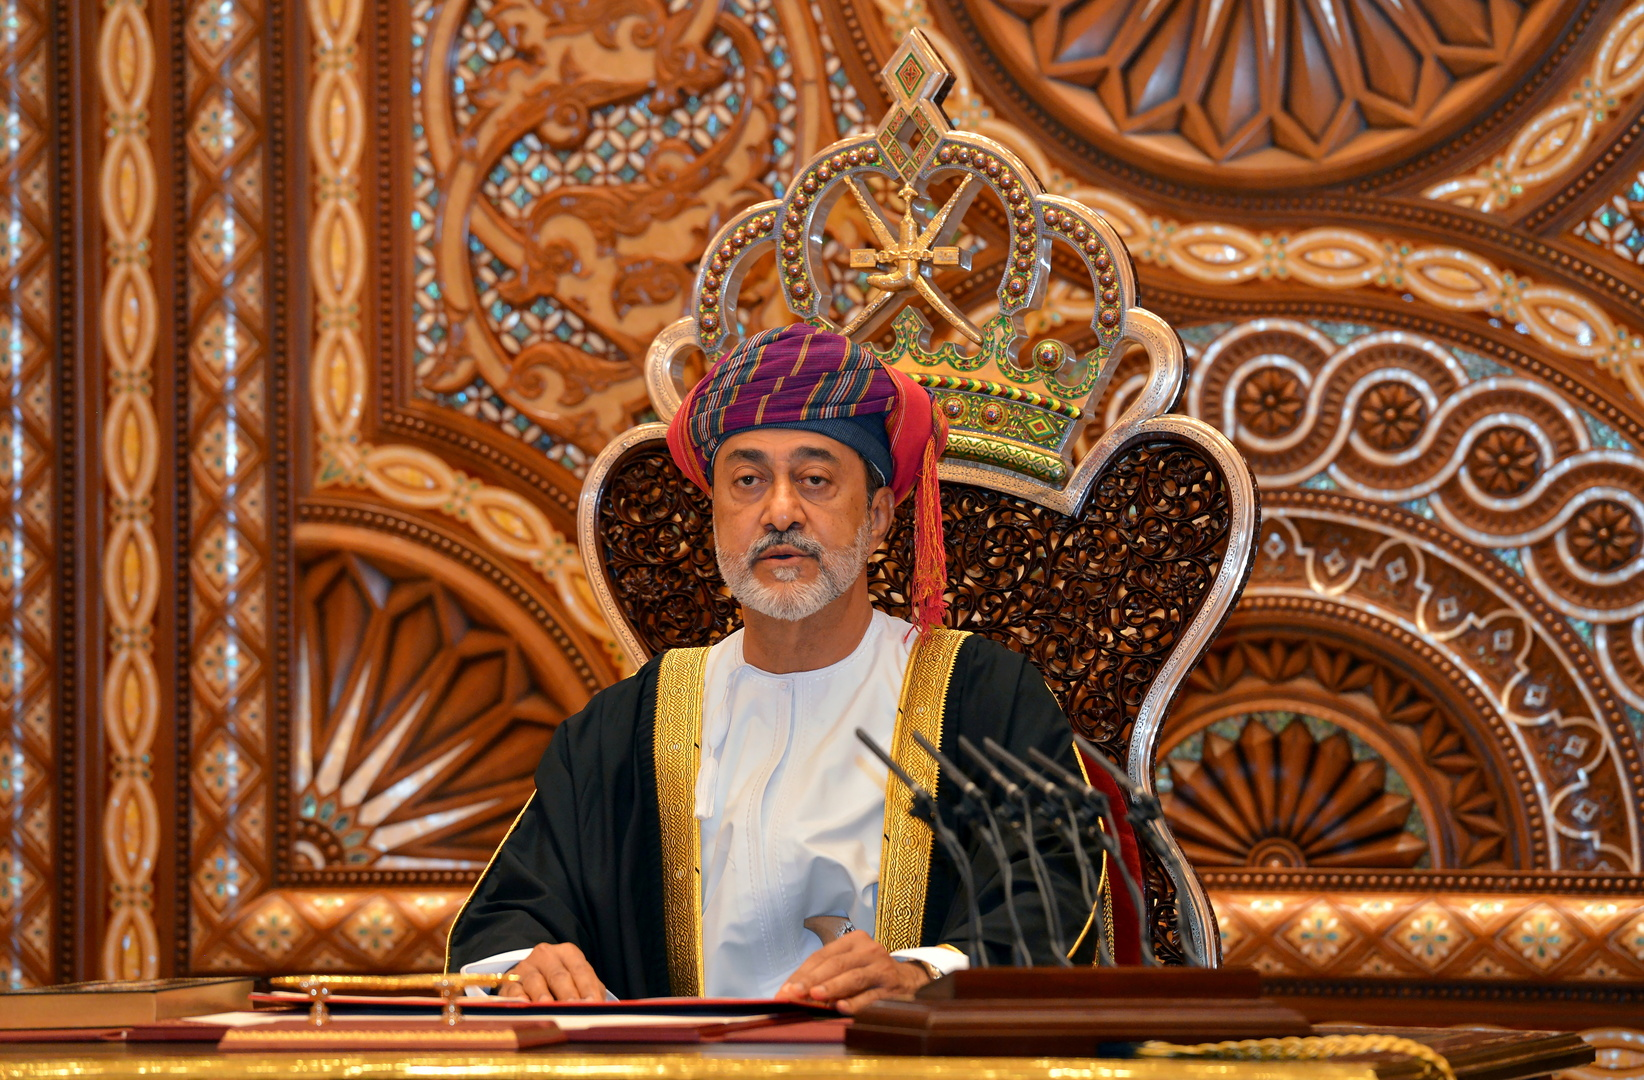 سلطان عمان هيثم بن طارق